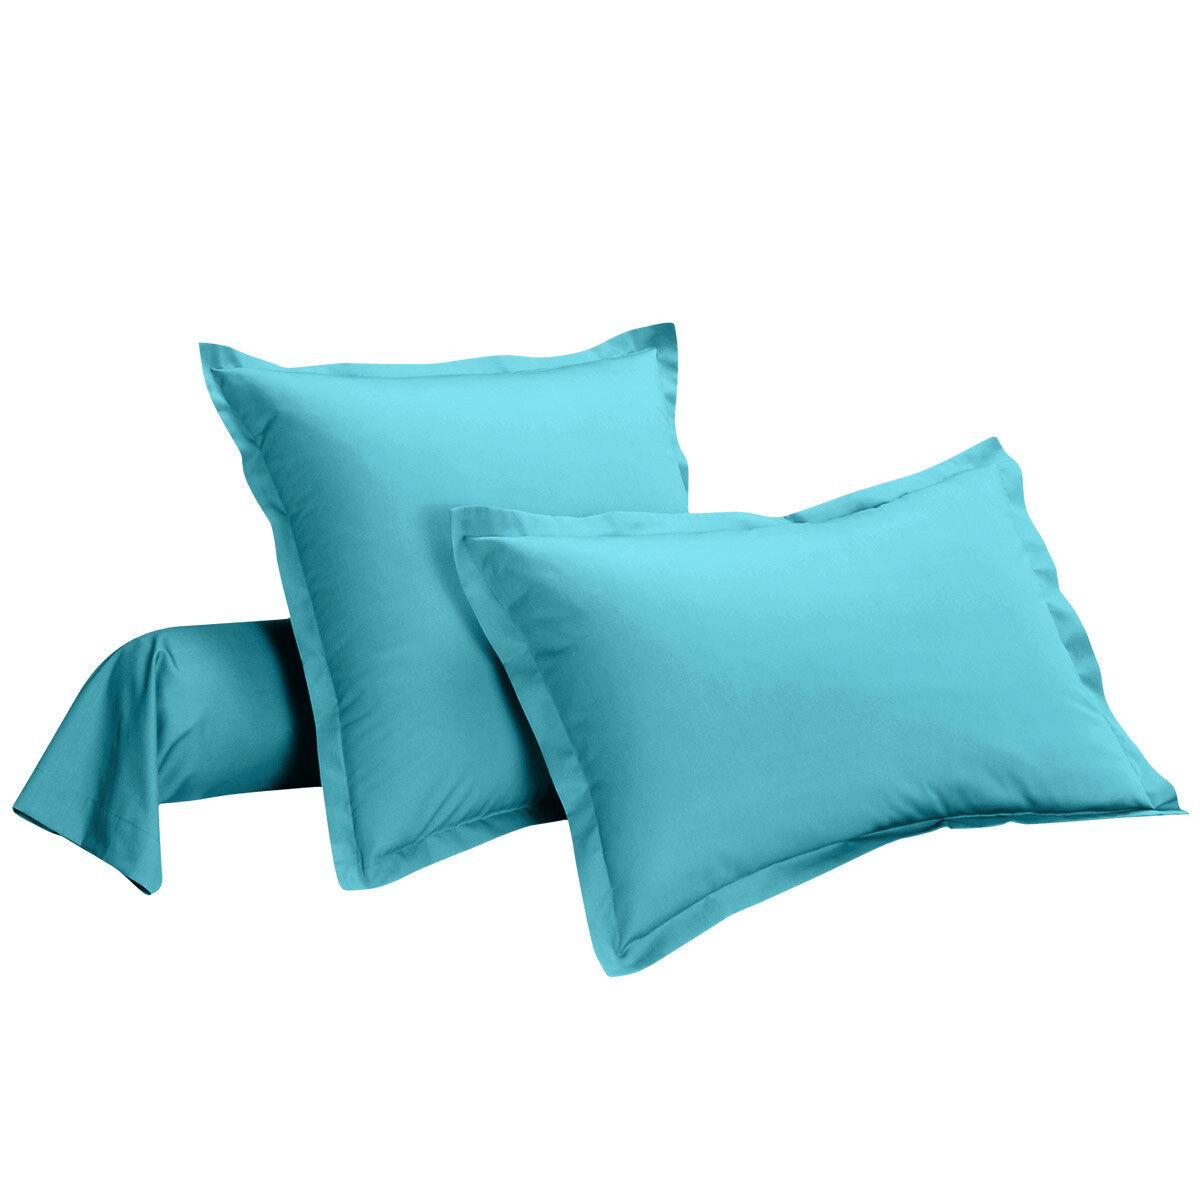 taie d 39 oreiller percale de coton bleu uni 80 fils cm i fil home. Black Bedroom Furniture Sets. Home Design Ideas